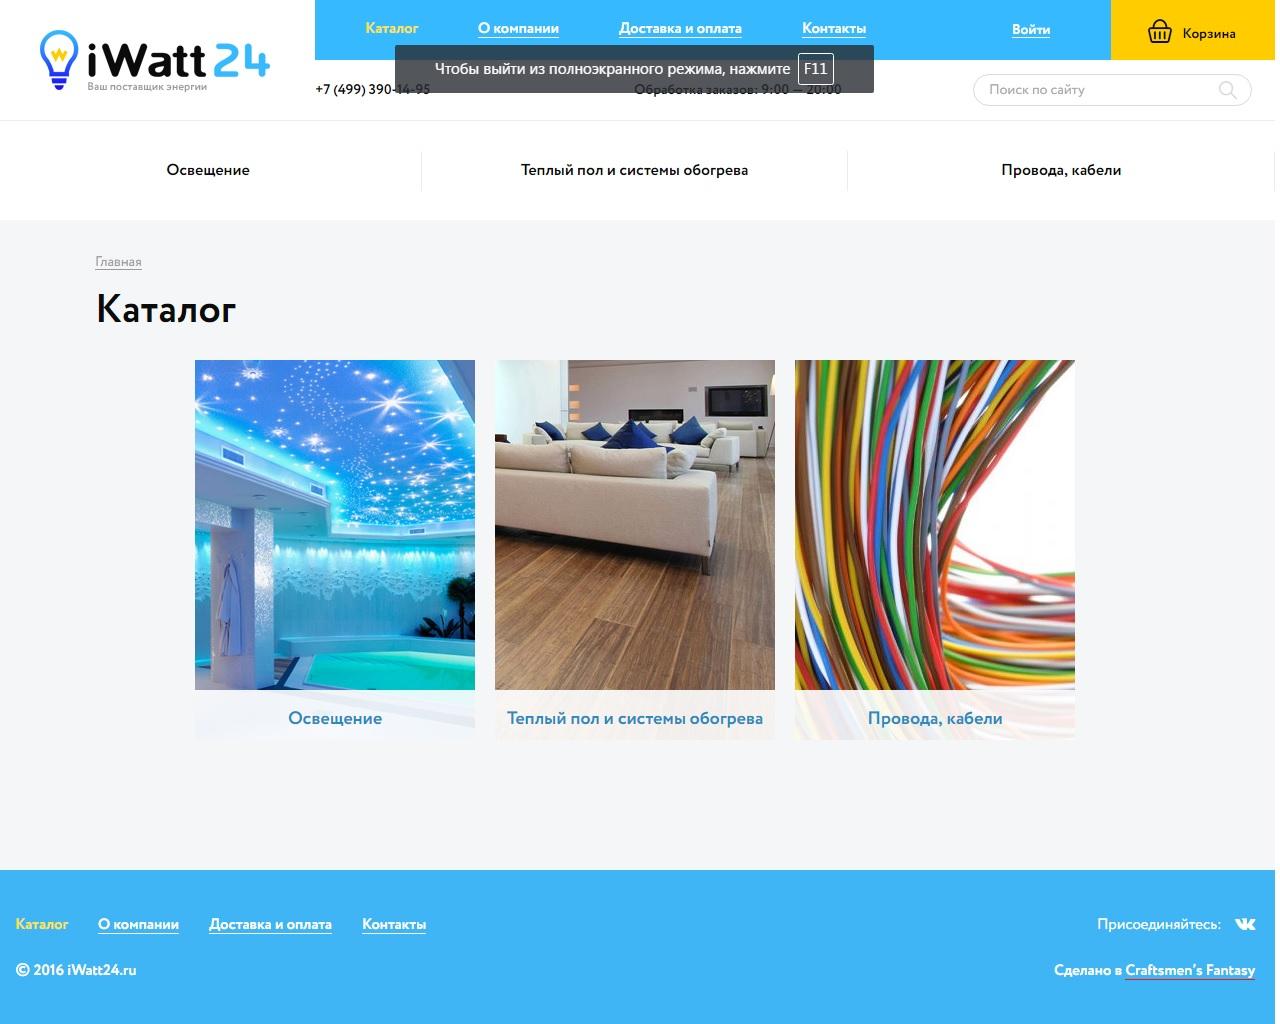 Магазин iWatt24 - Описание категорий товаров в КАТАЛОГЕ